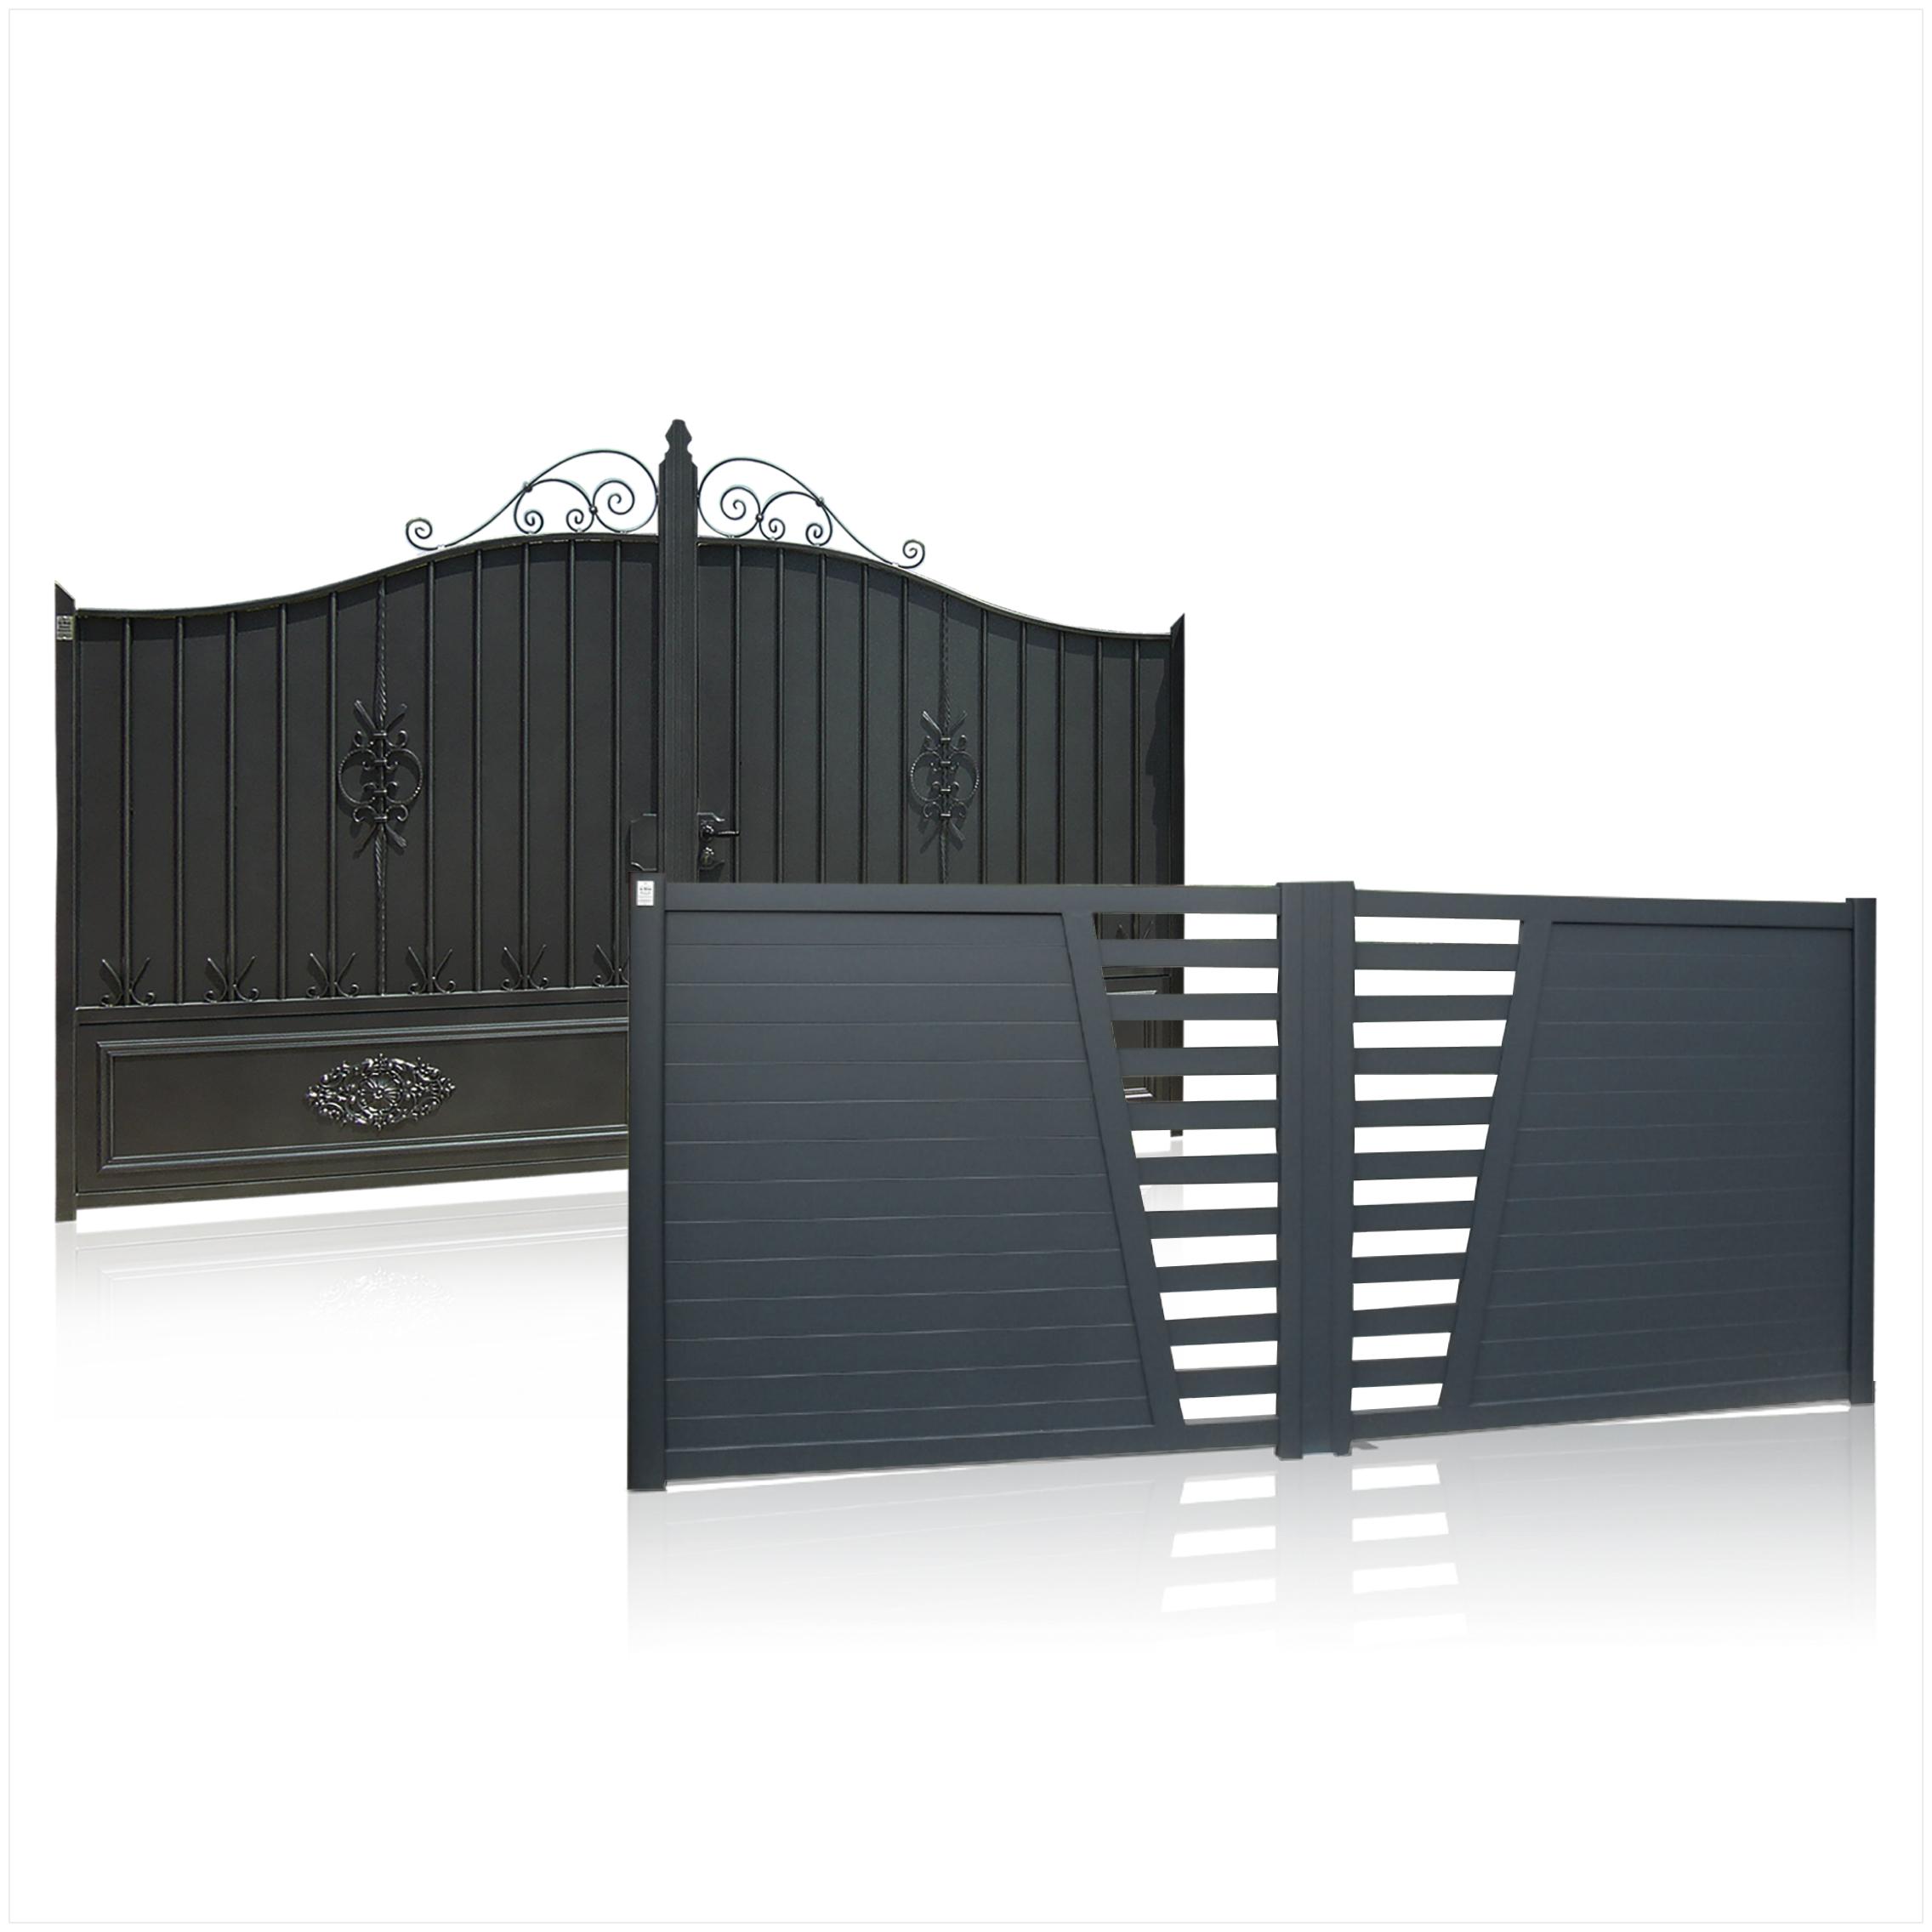 293045213e0b7 Nos portails - Portails Le Brun